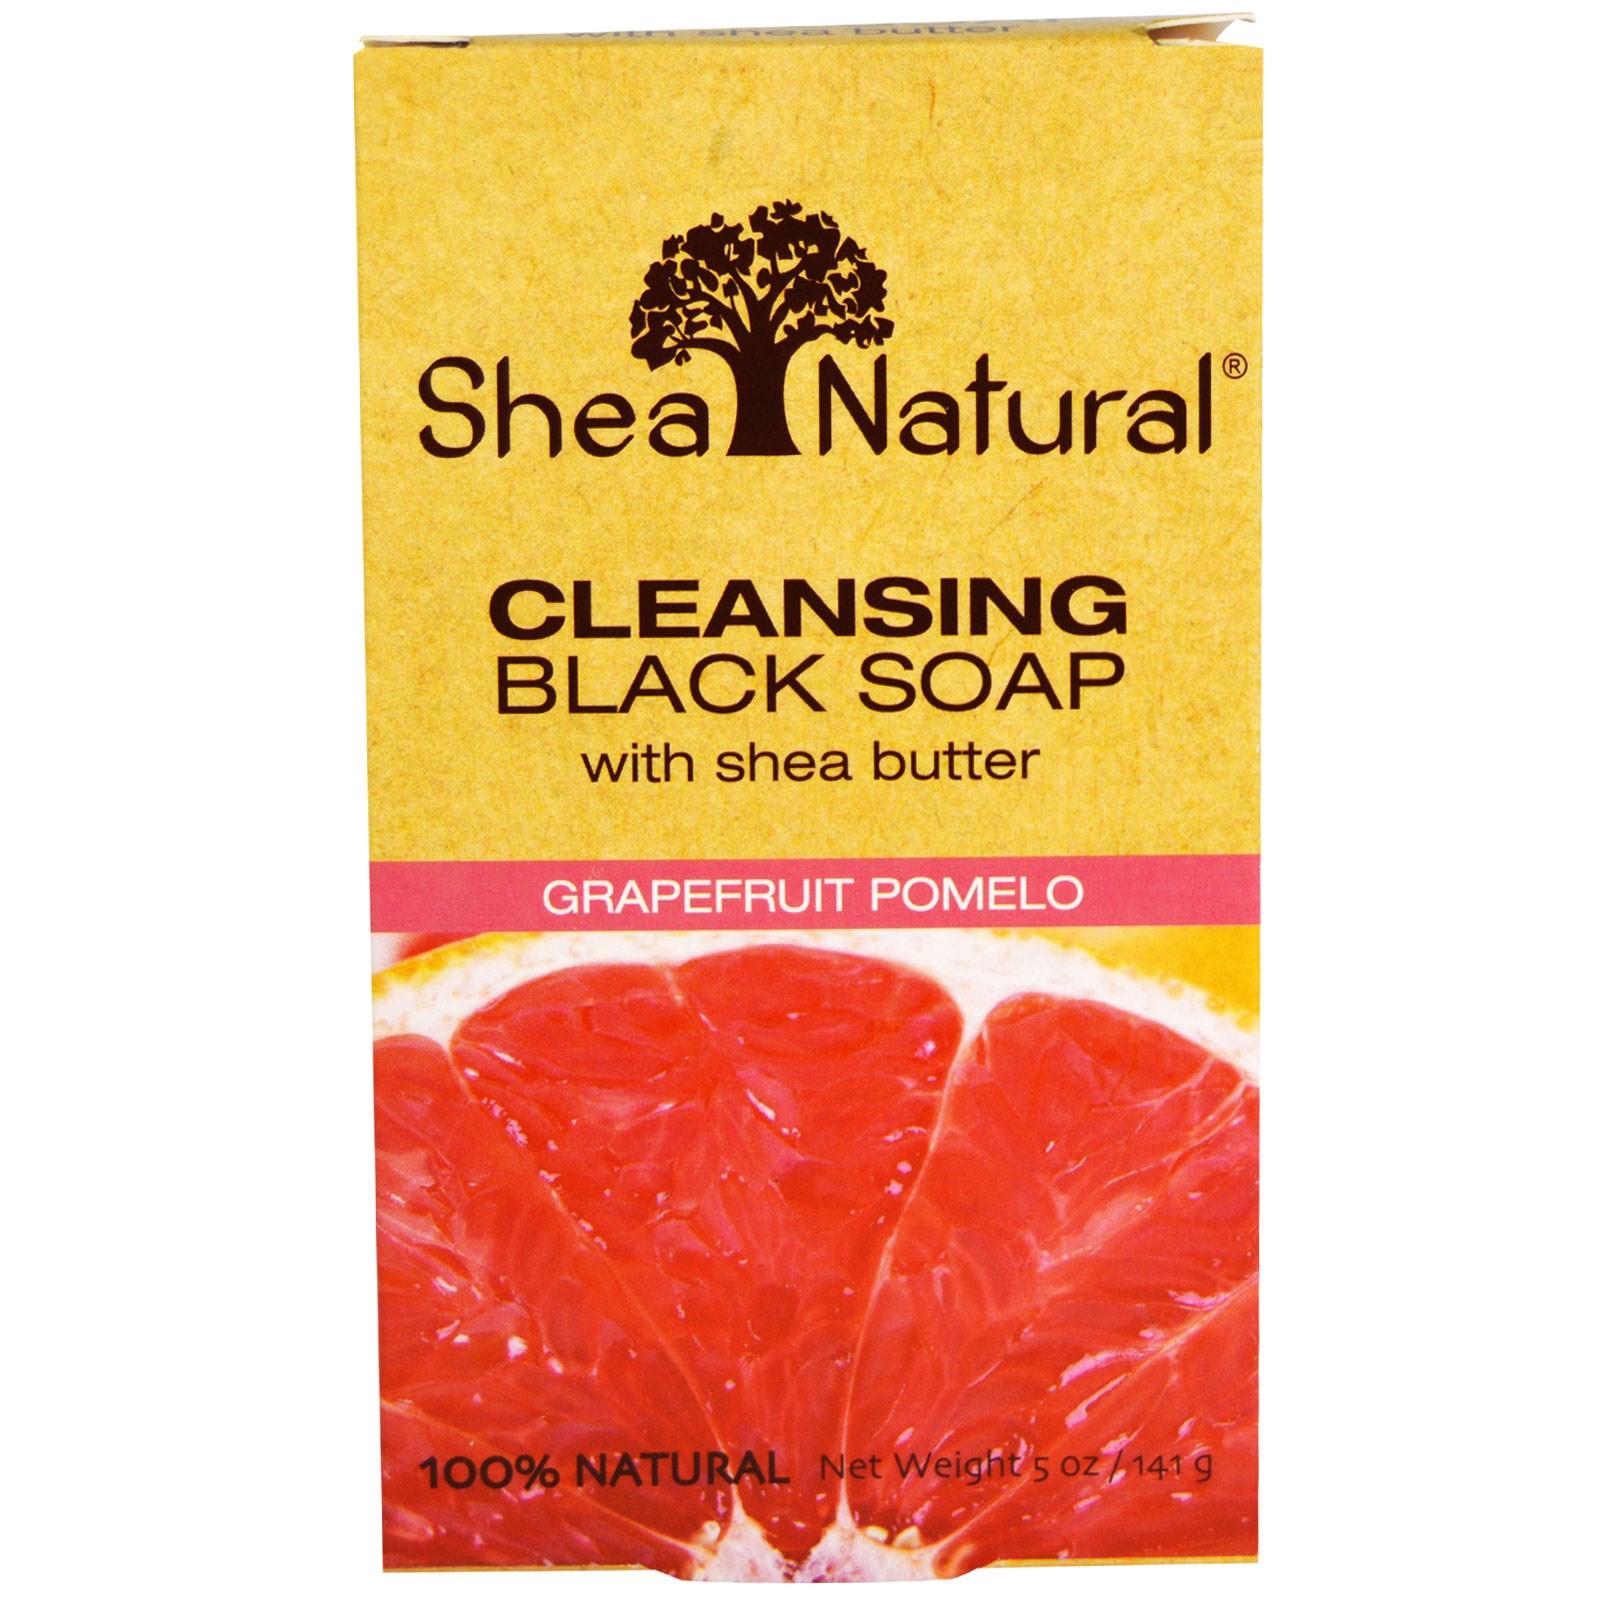 Очищающее черное мыло с экстрактом масла ши, грейпфрут-помело Shea Natural (141 г)